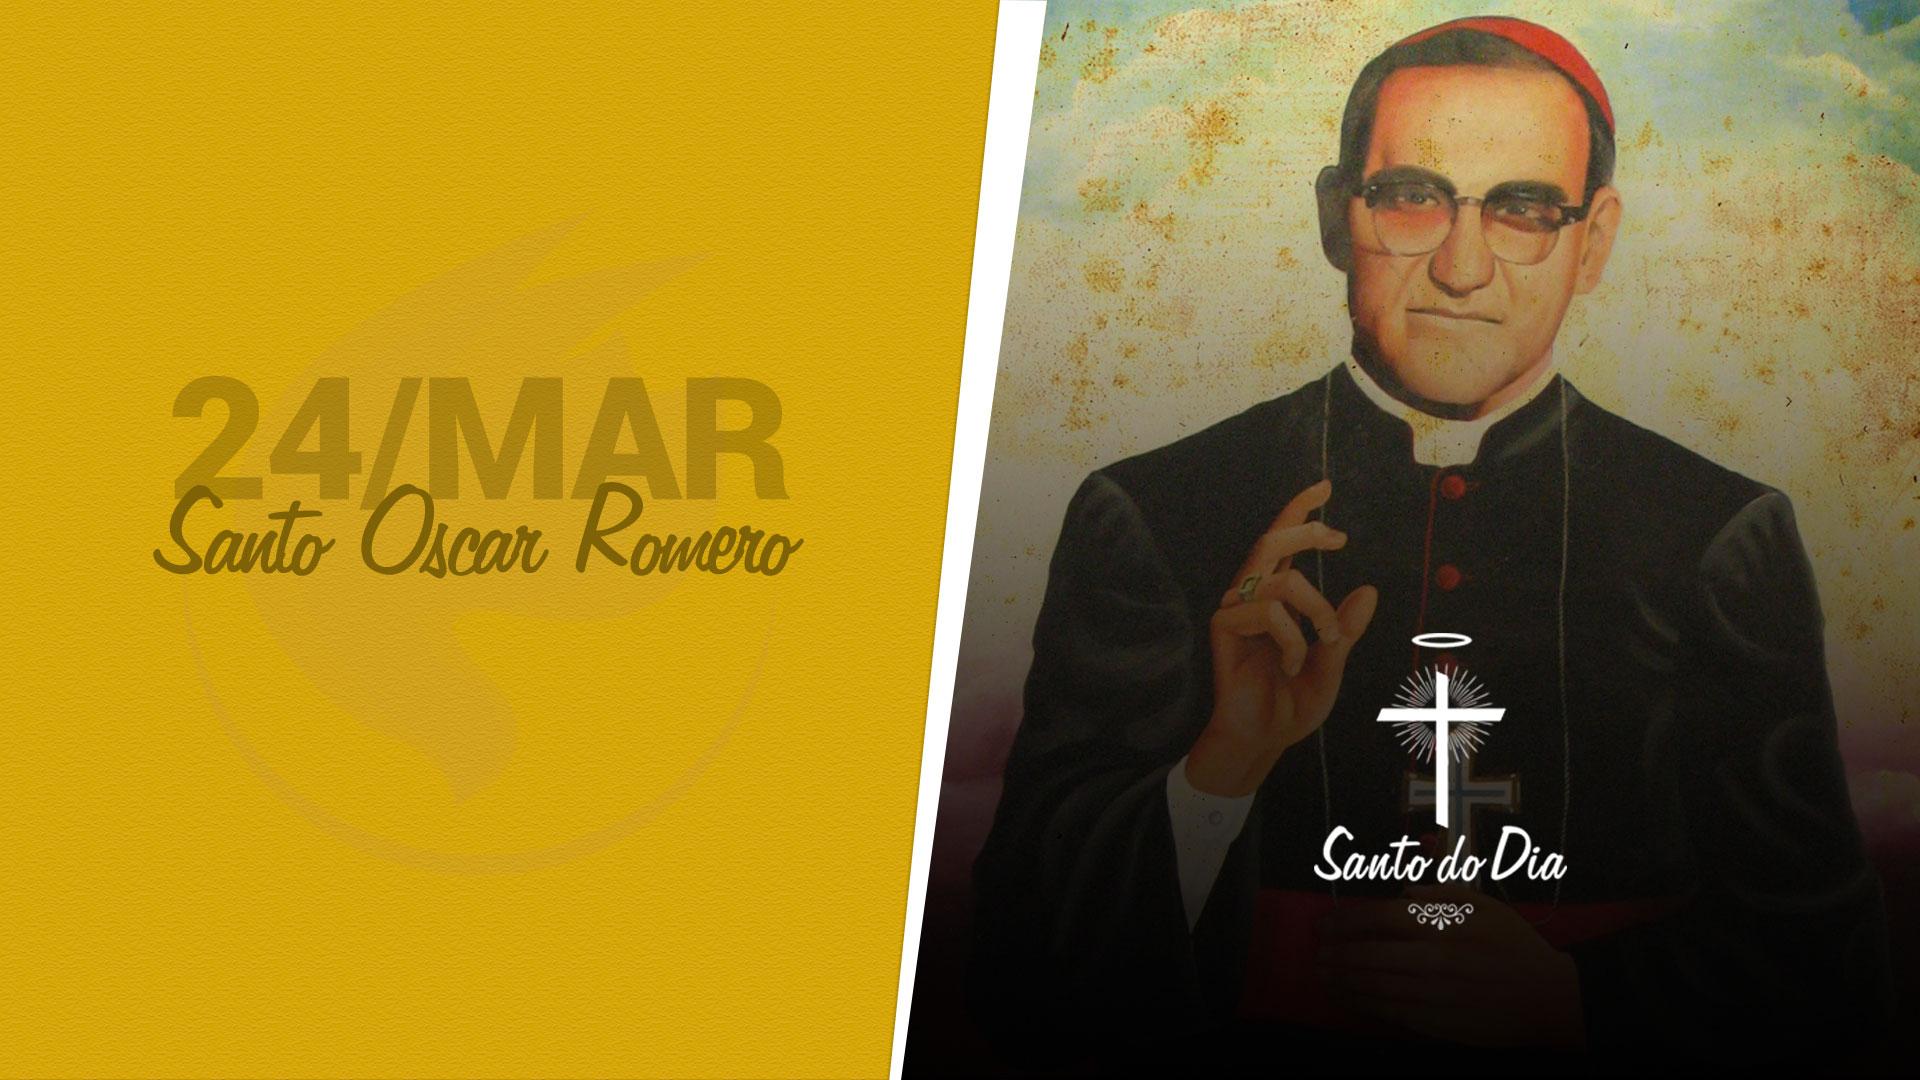 Santo Oscar Romero